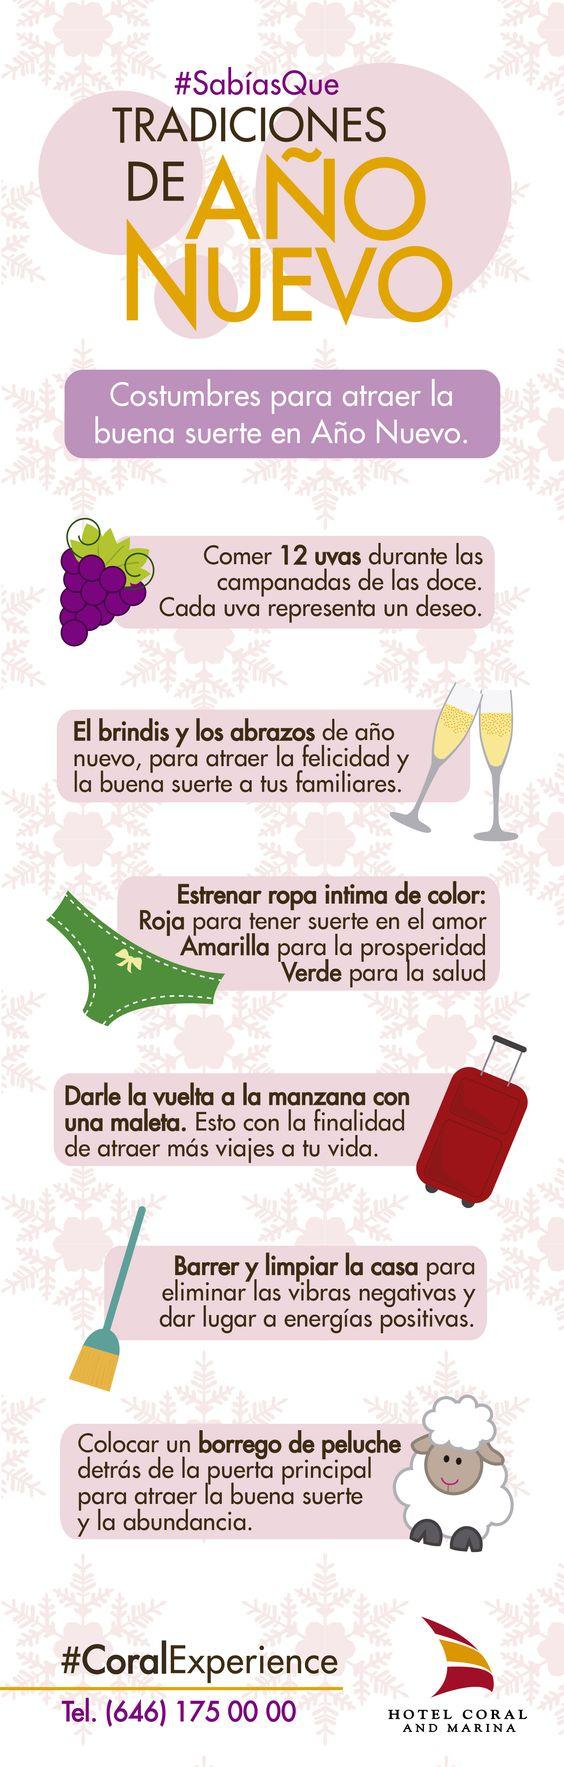 Tradiciones de ano nuevo amas de casa - Limpiar la mala suerte ...